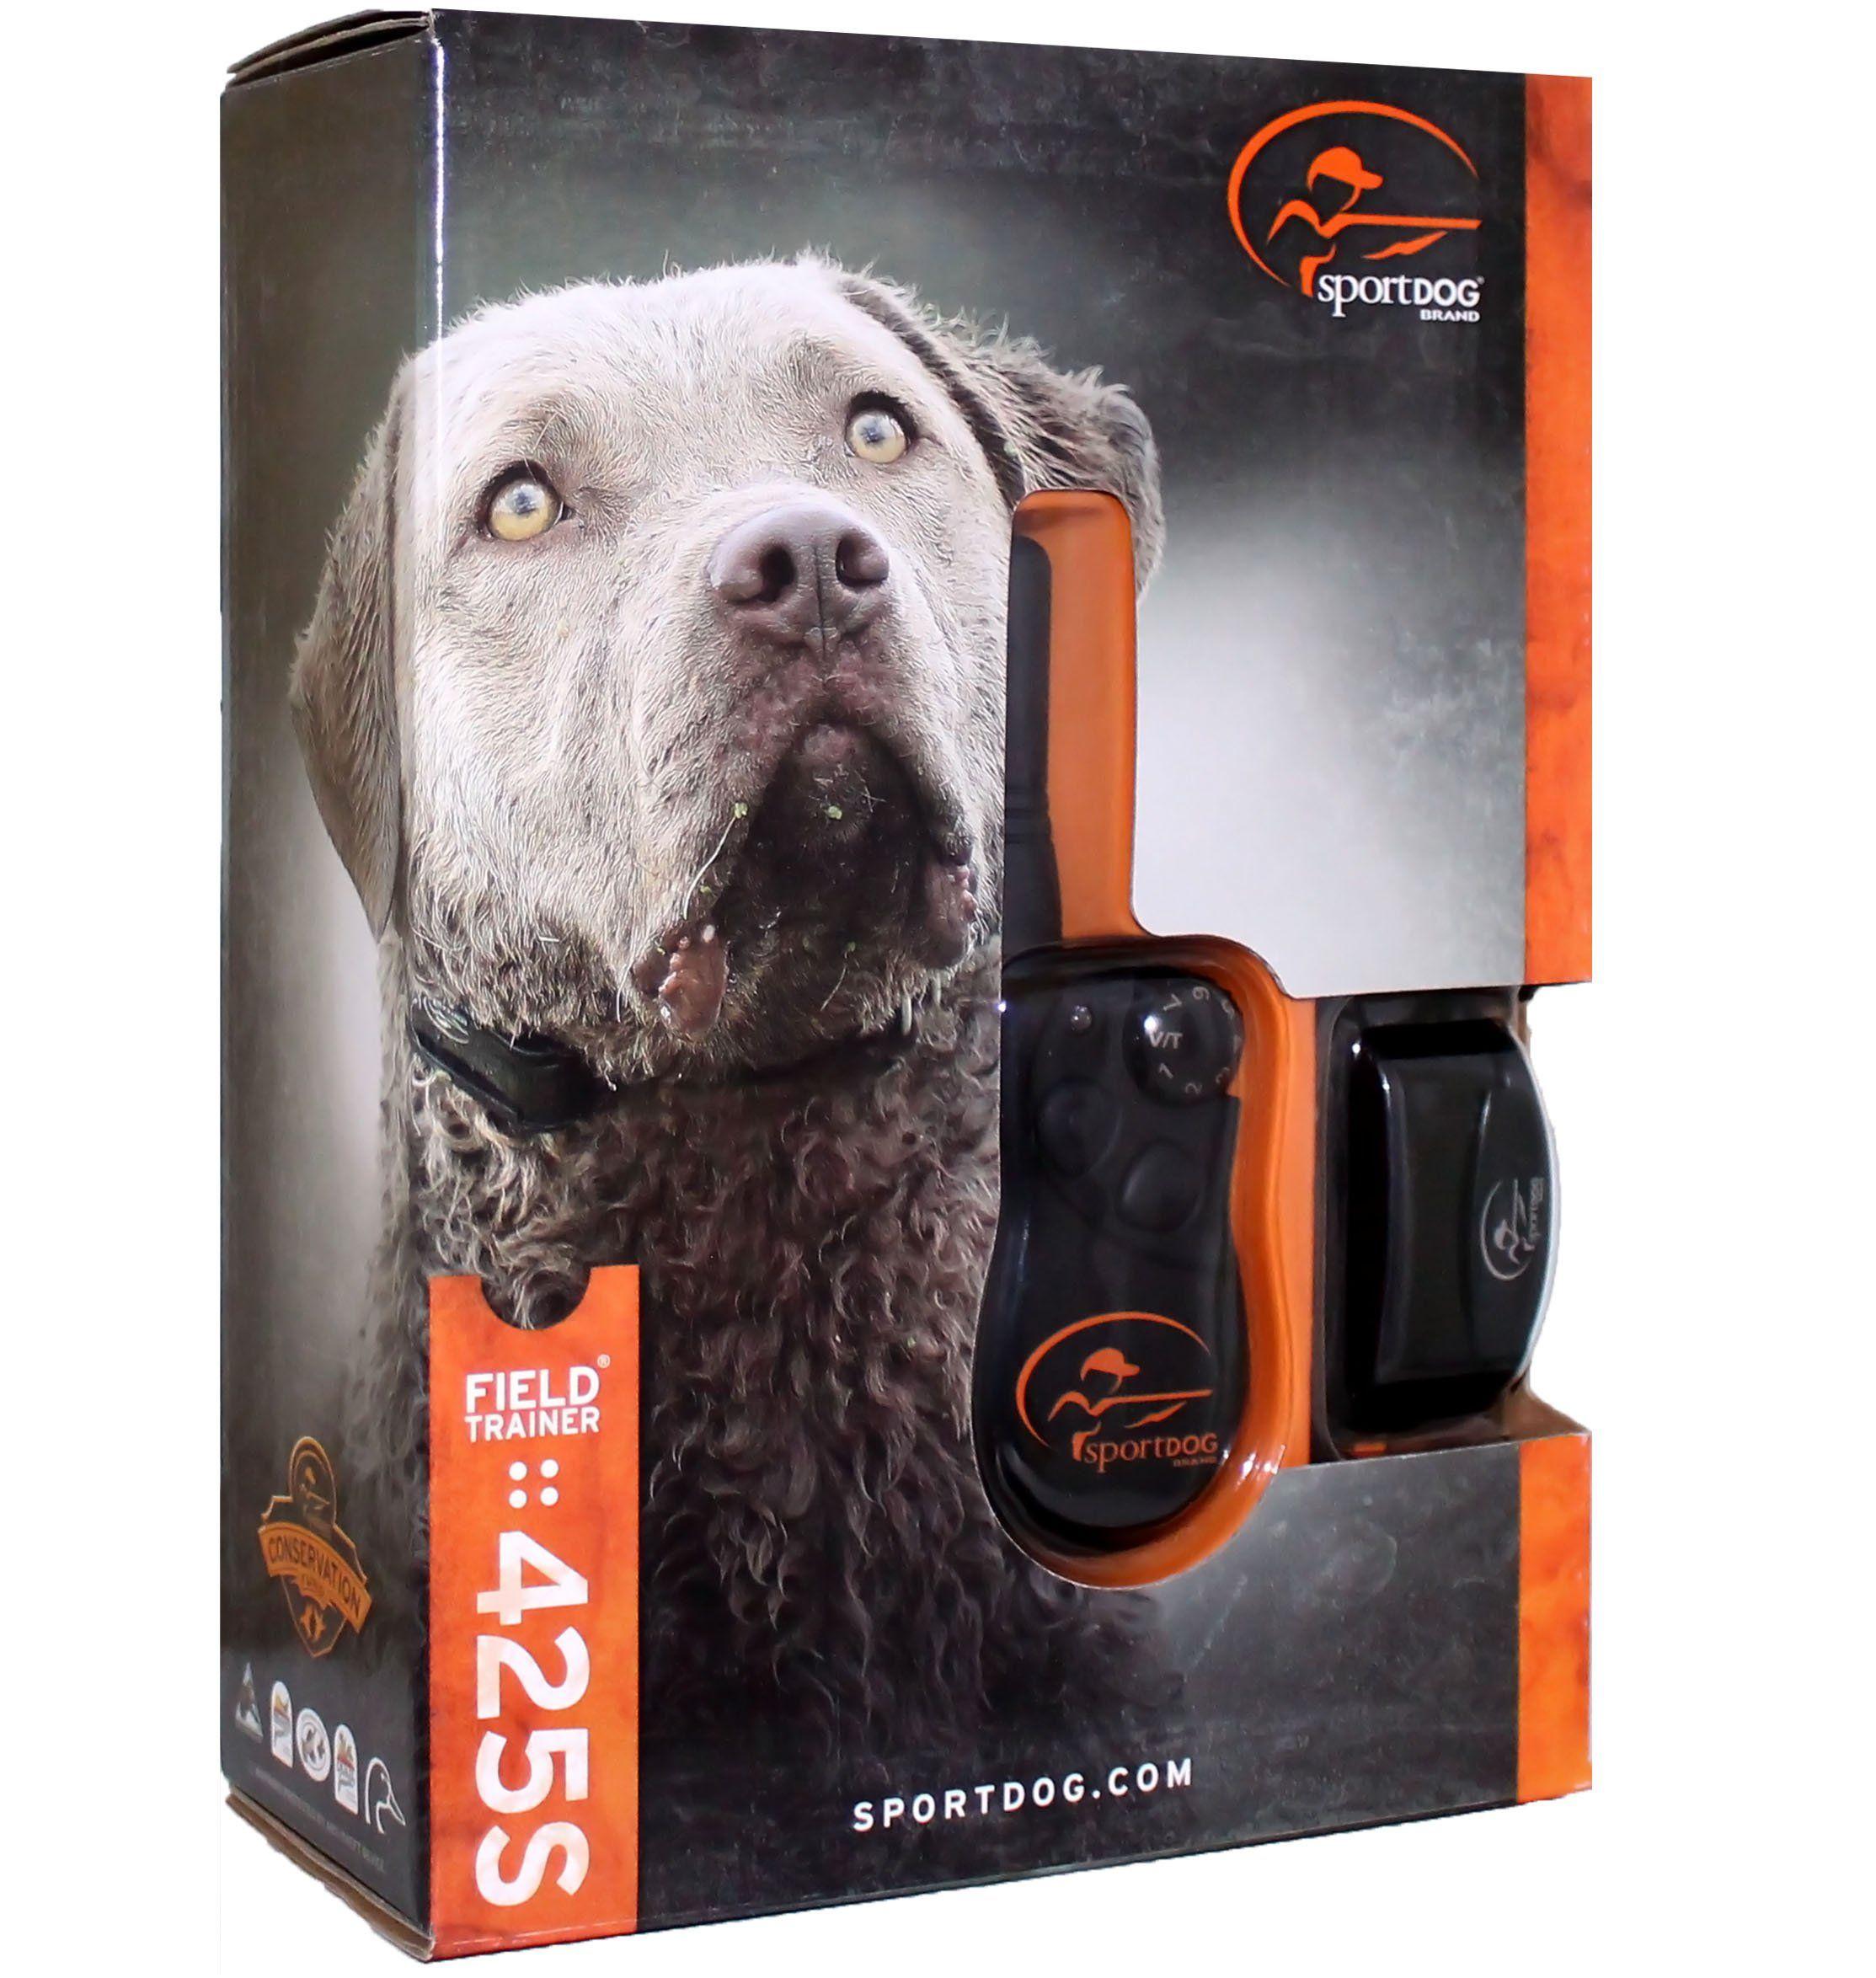 Sportdog Brand Fieldtrainer 425s Stubborn Dog Remote Trainer 500